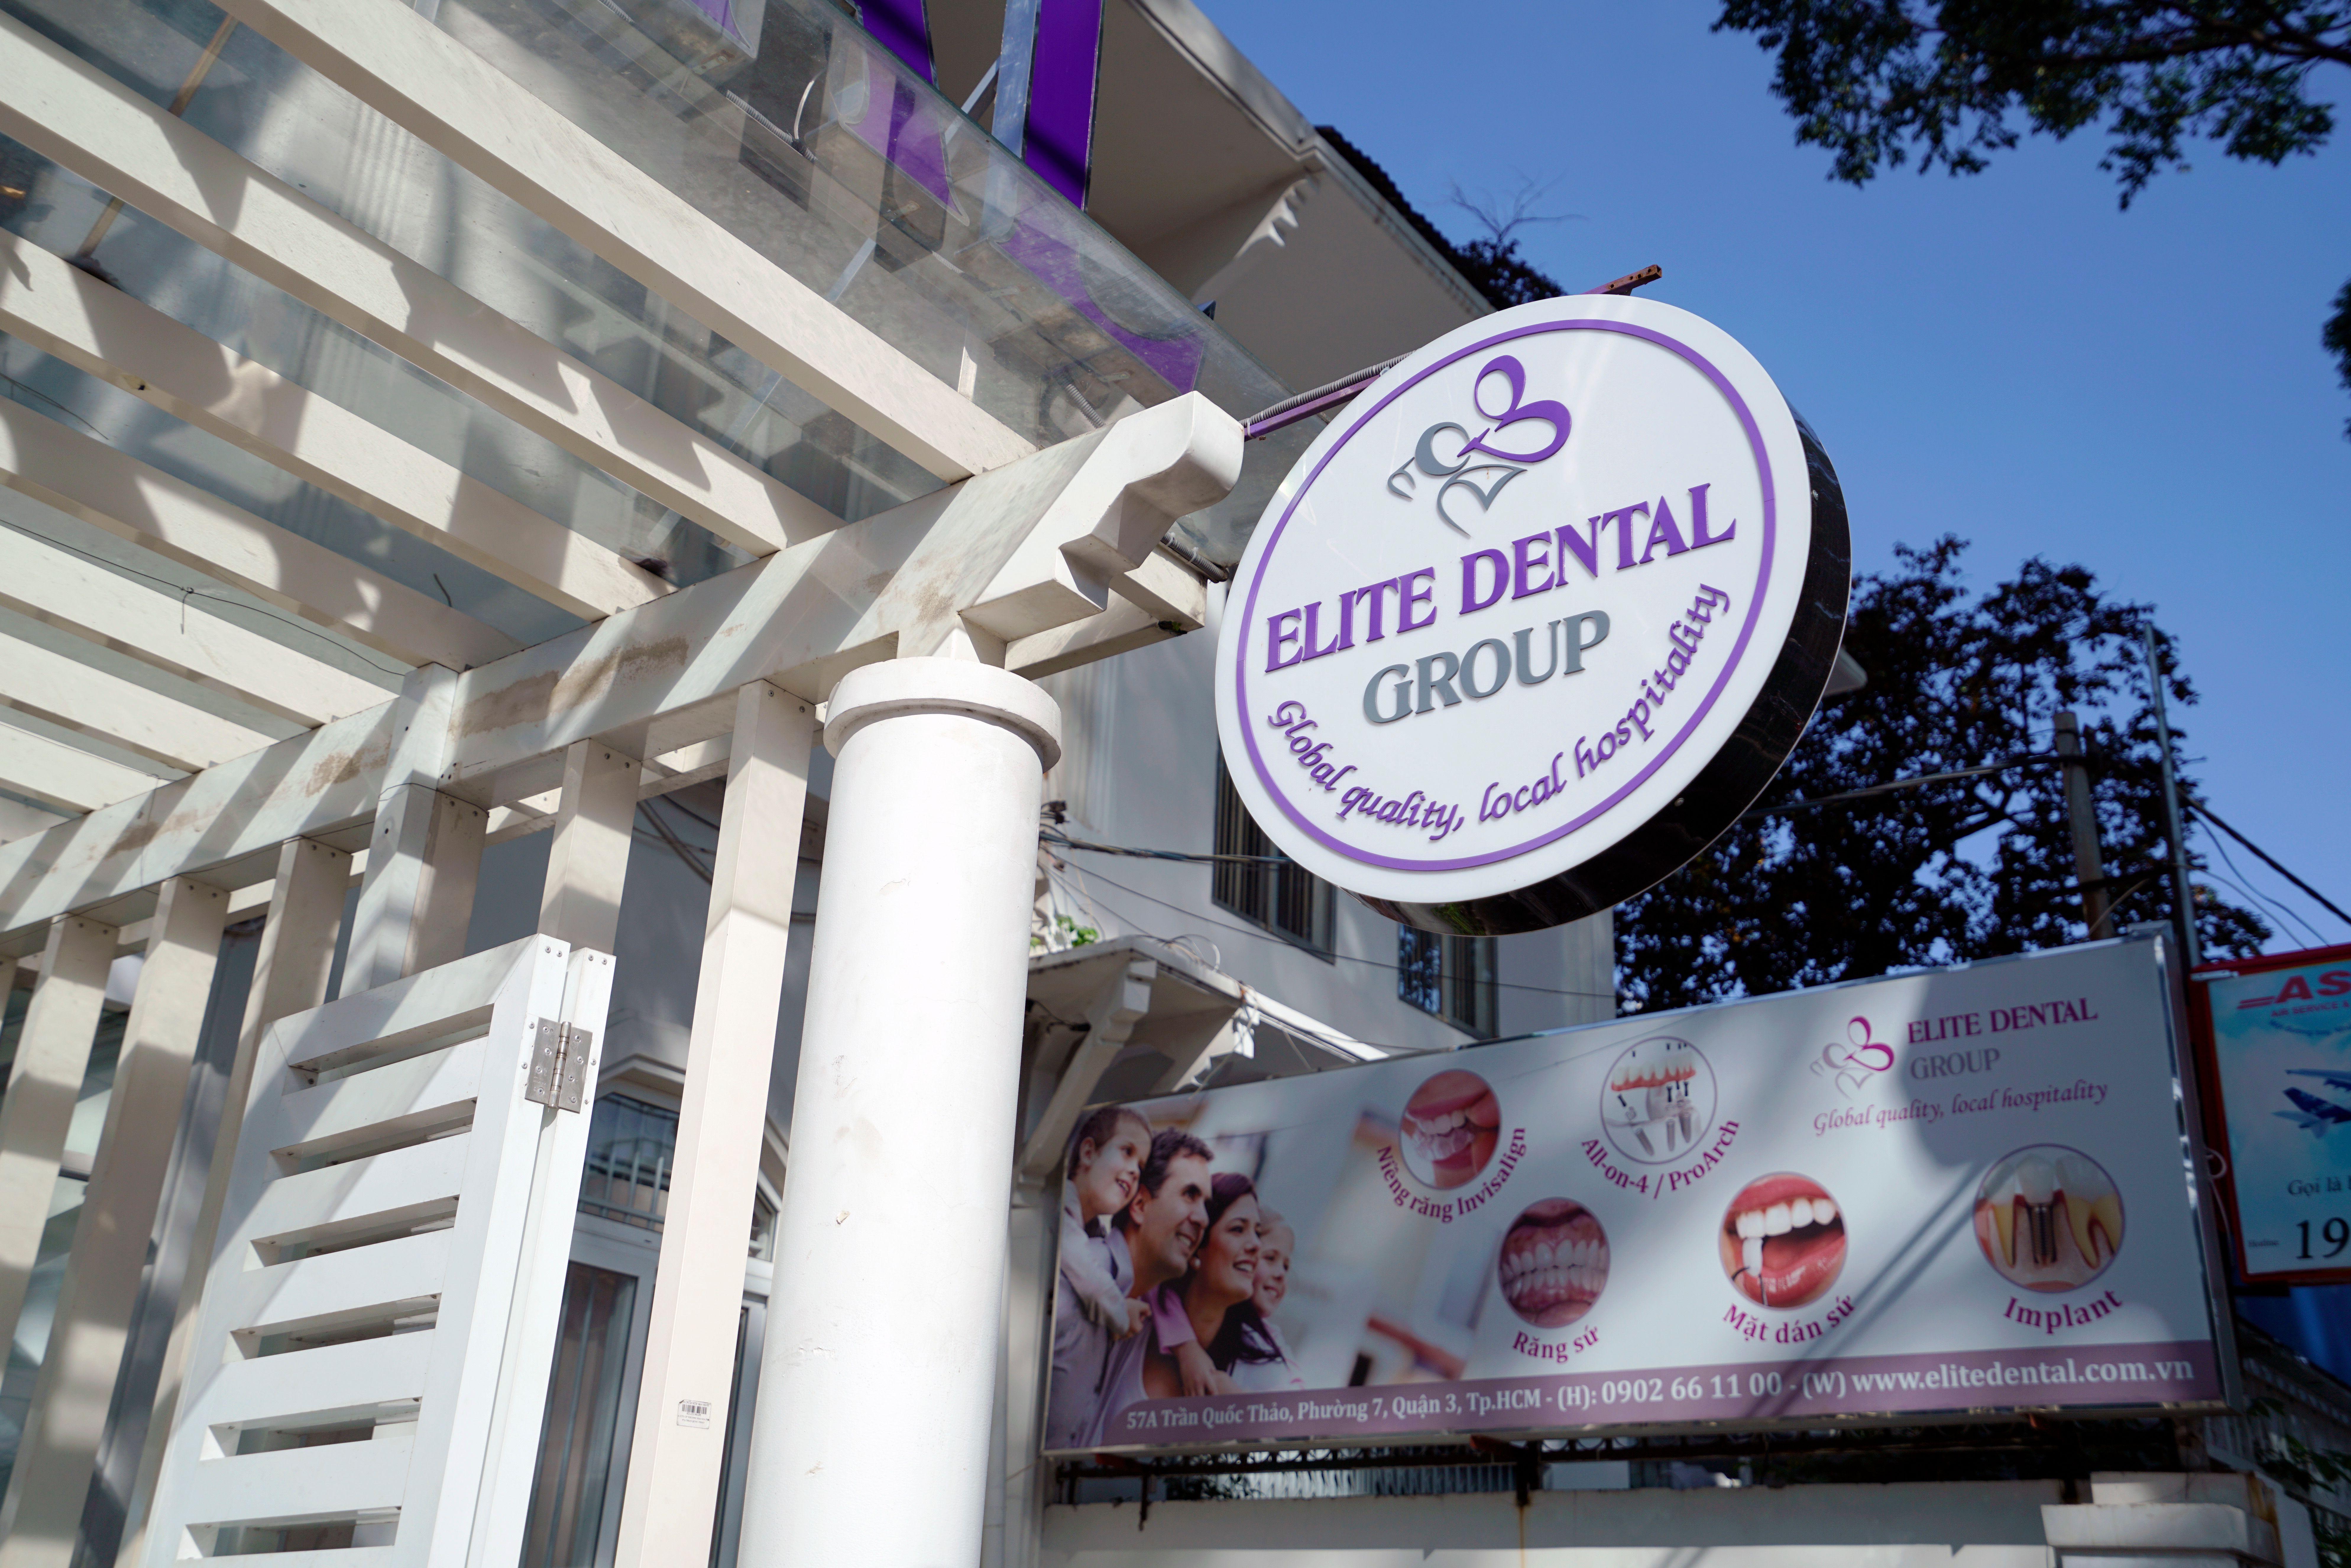 Elite Dental Vietnam (Tran Quoc Thao)